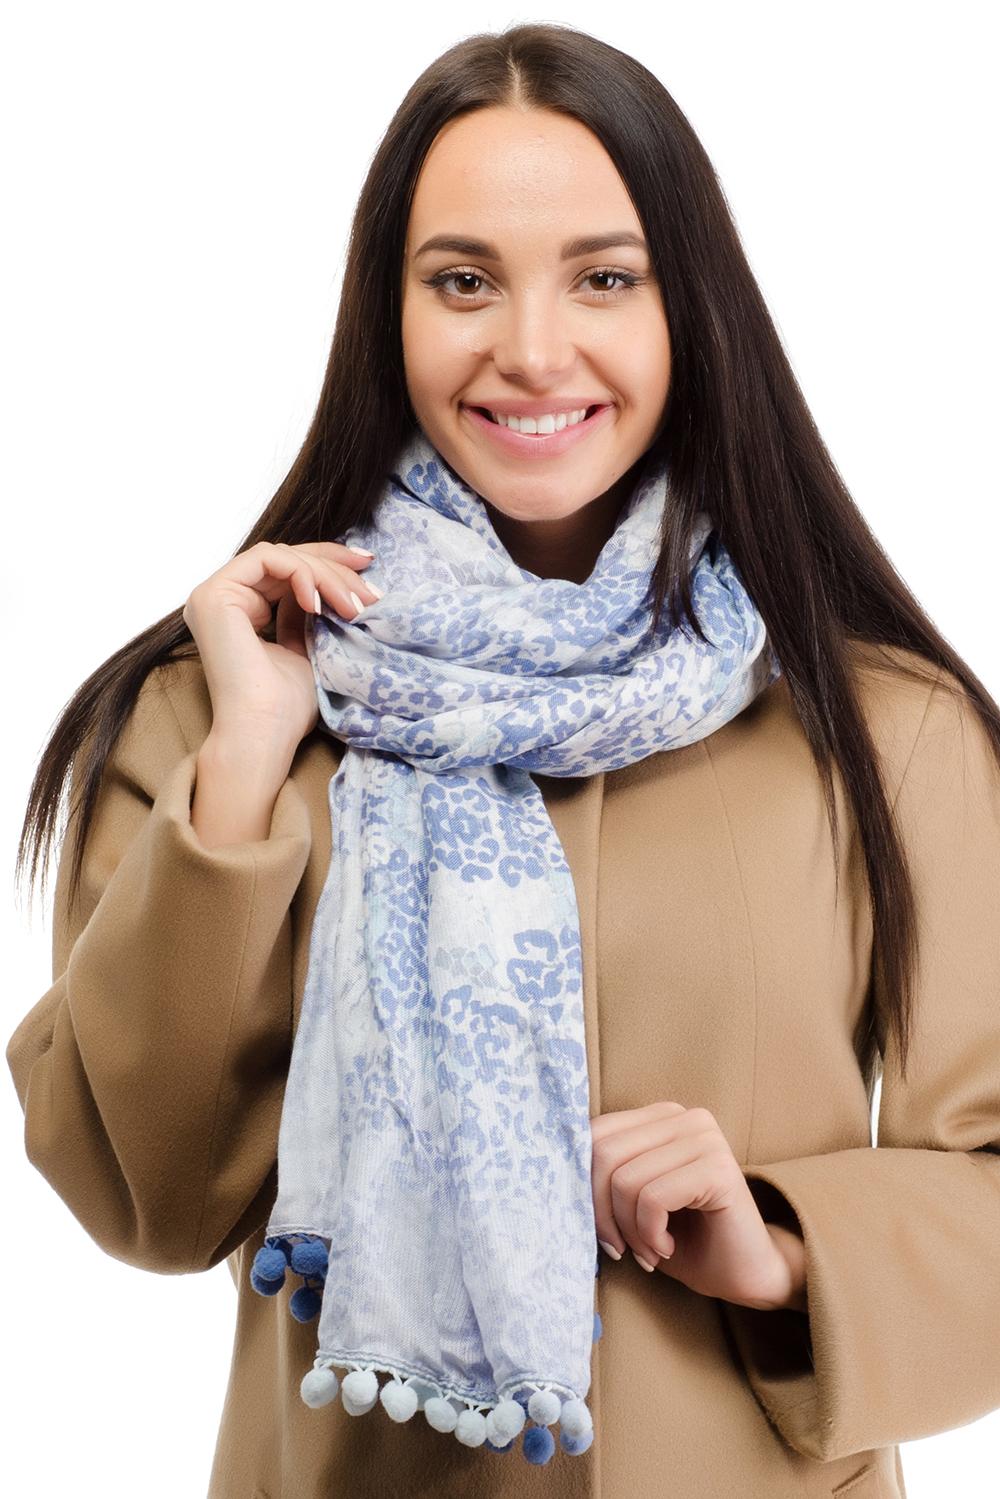 Палантин12D-1605Женский палантин Moltini изготовлен из модала с добавлением шерсти. Он оформлен абстрактным принтом в виде цветных пятен и дополнен отделкой в виде небольших помпонов по краю.